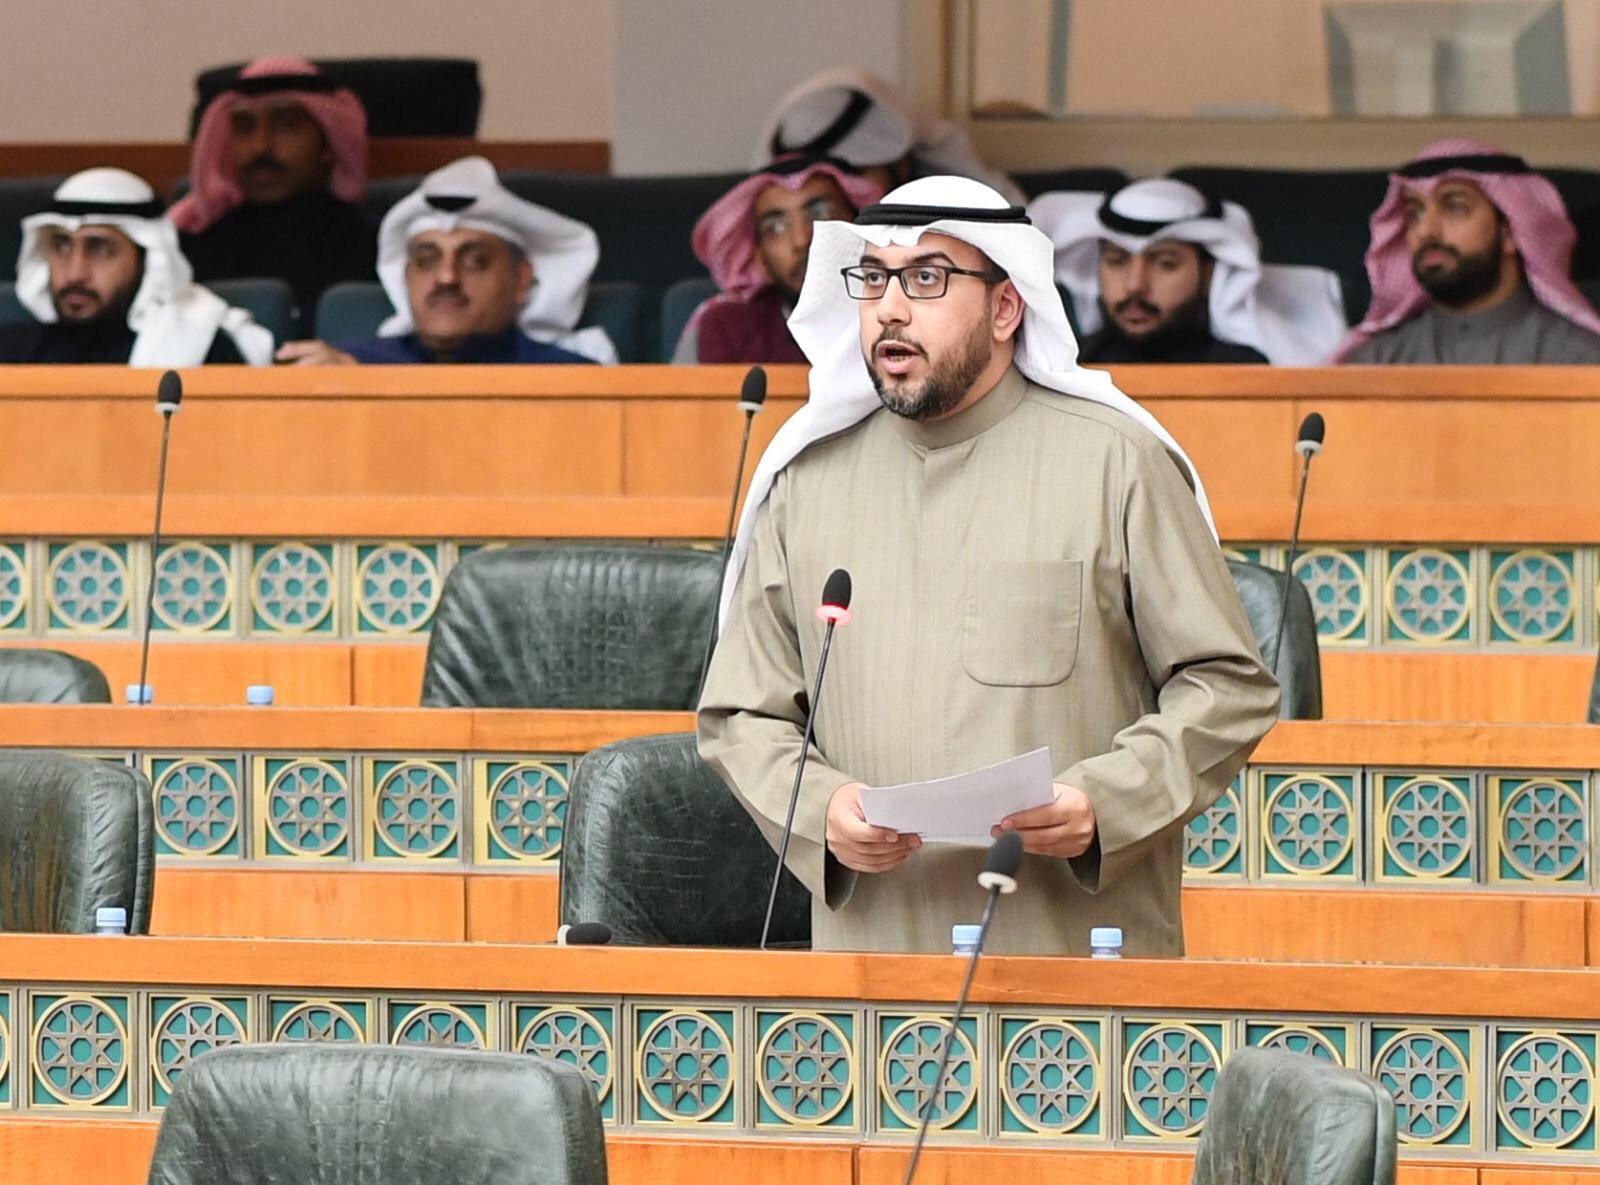 IMG ٢٠١٧١٢١٩ ١٦١١٥٨ - «الشاهين» يسأل «بوشهري» عن عدد الموظفين الحكوميين المحالين للتحقيق بسبب أزمة الأمطار